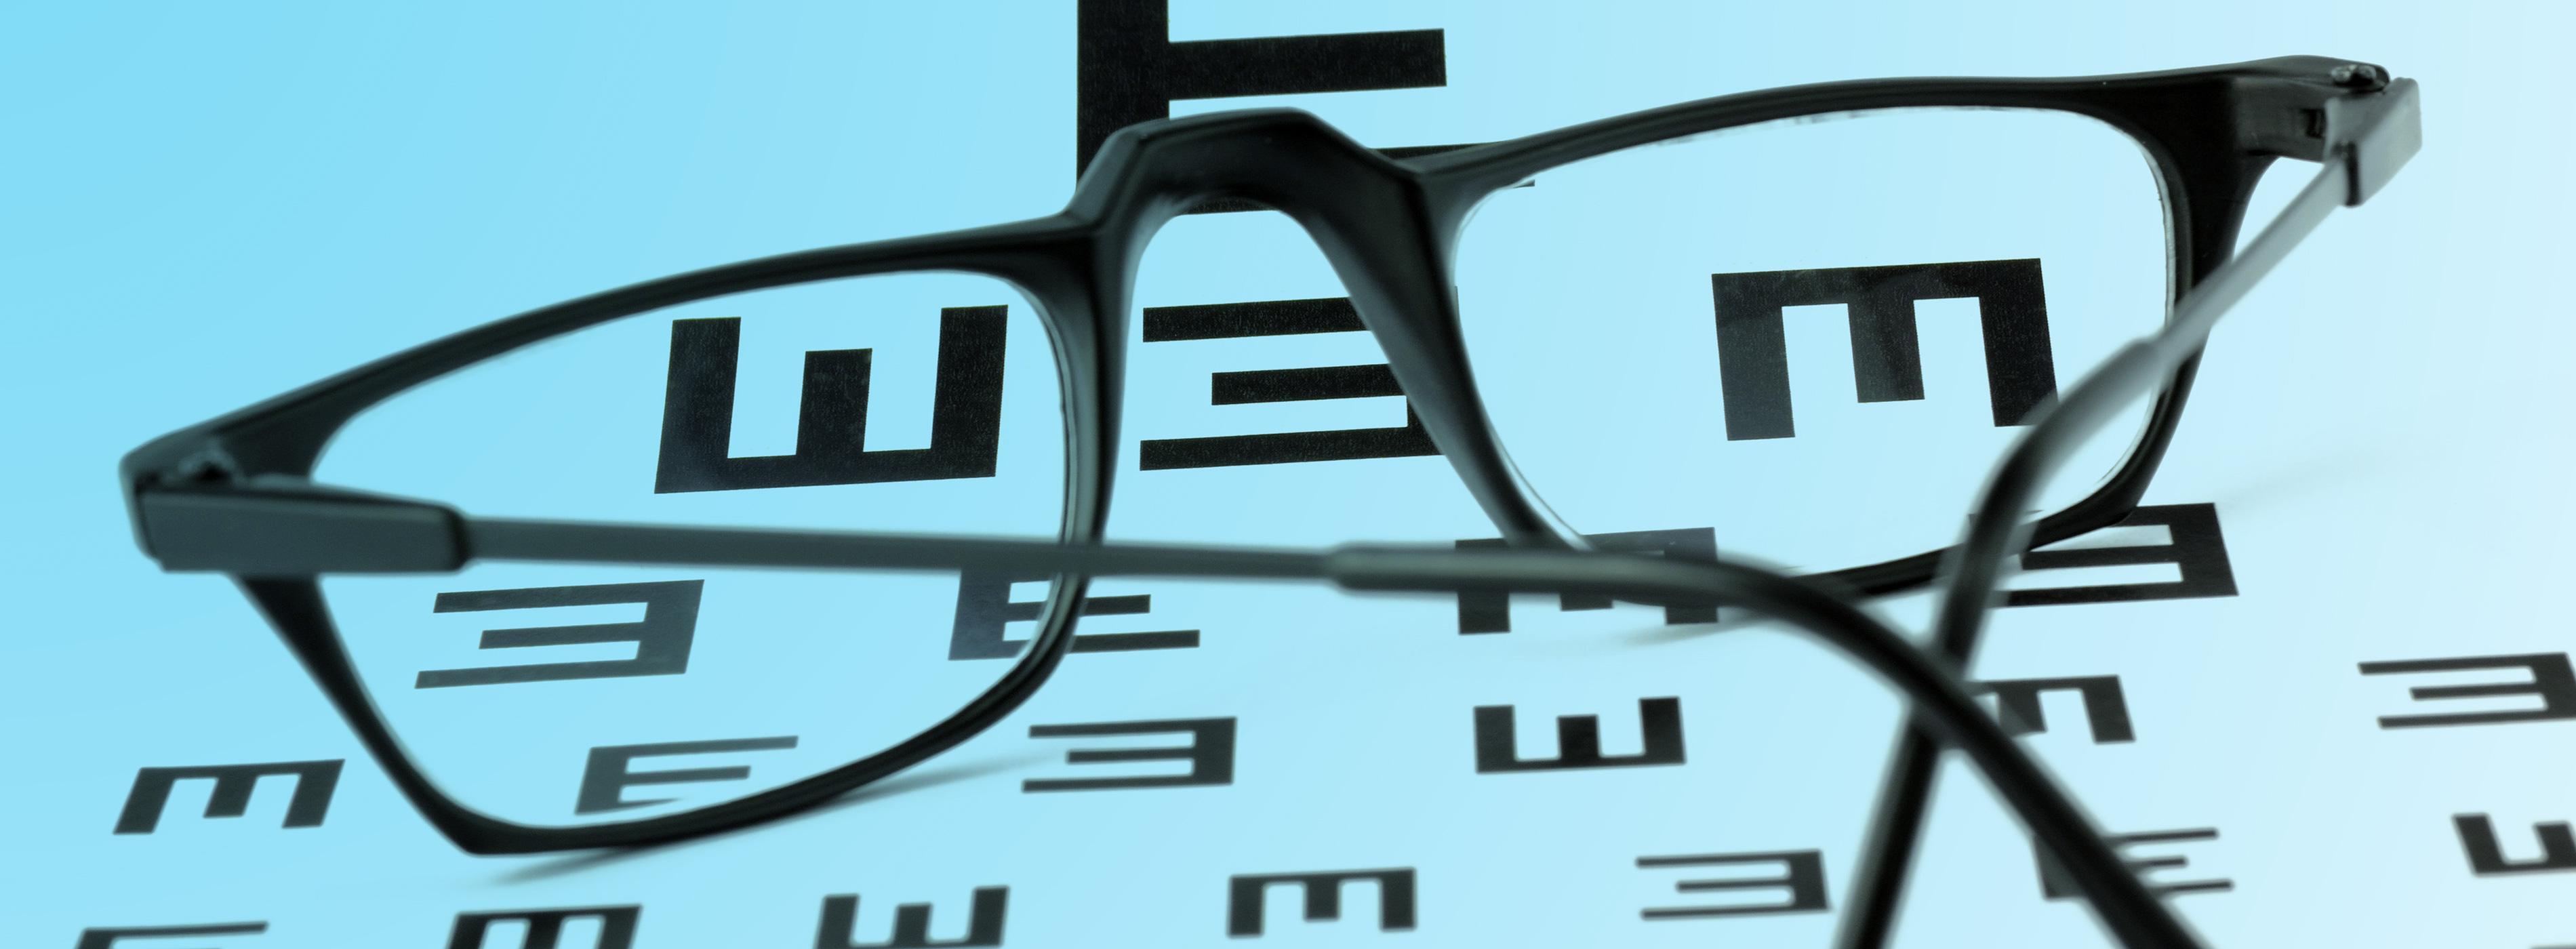 Augengesundheit Augenarzt Berlin Zehlendorf Schlachtensee